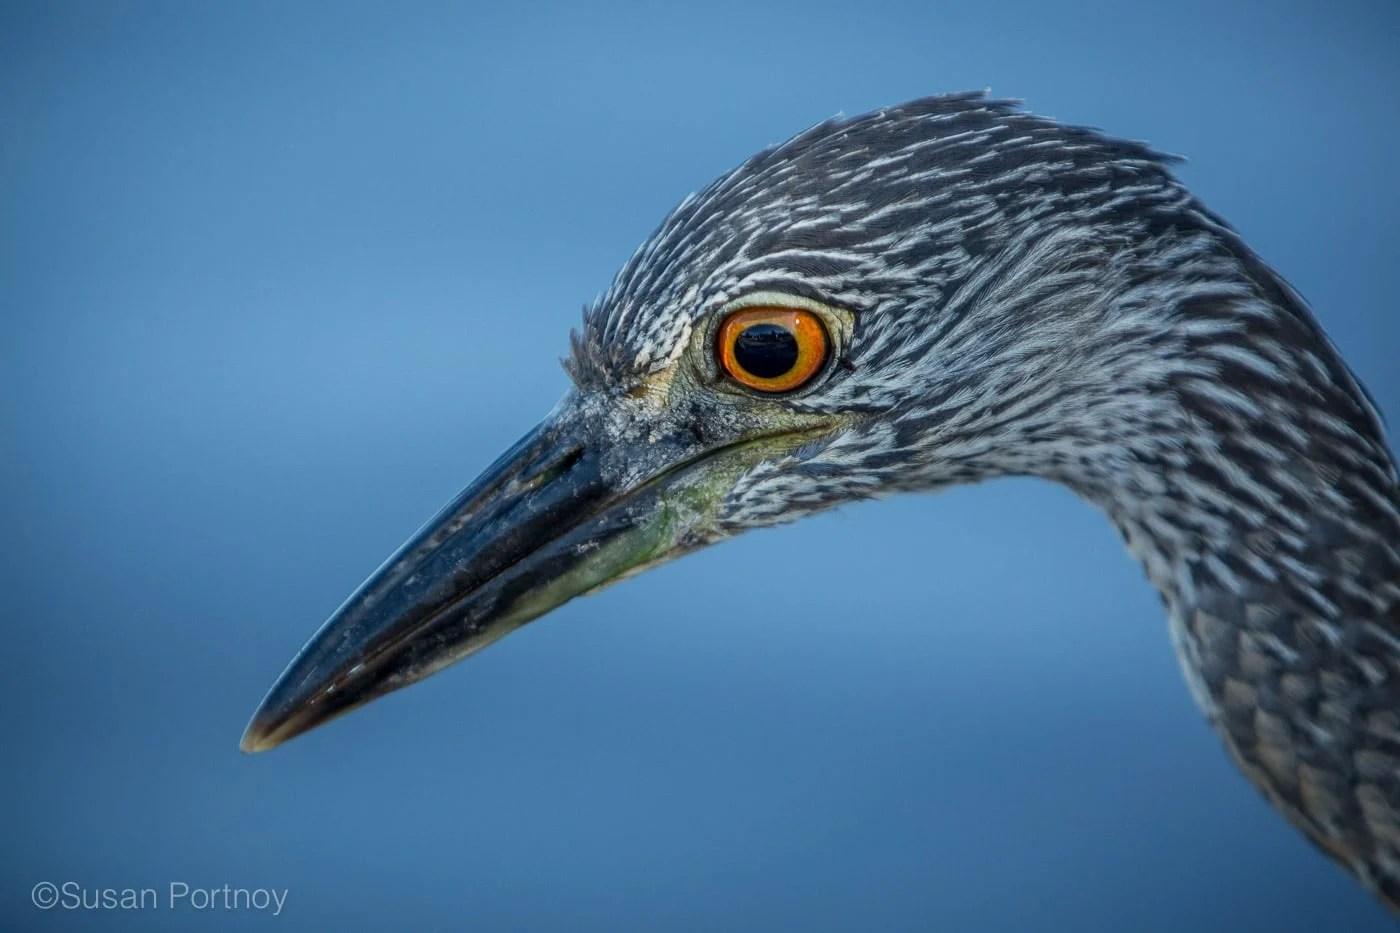 sportnoy_birds-13